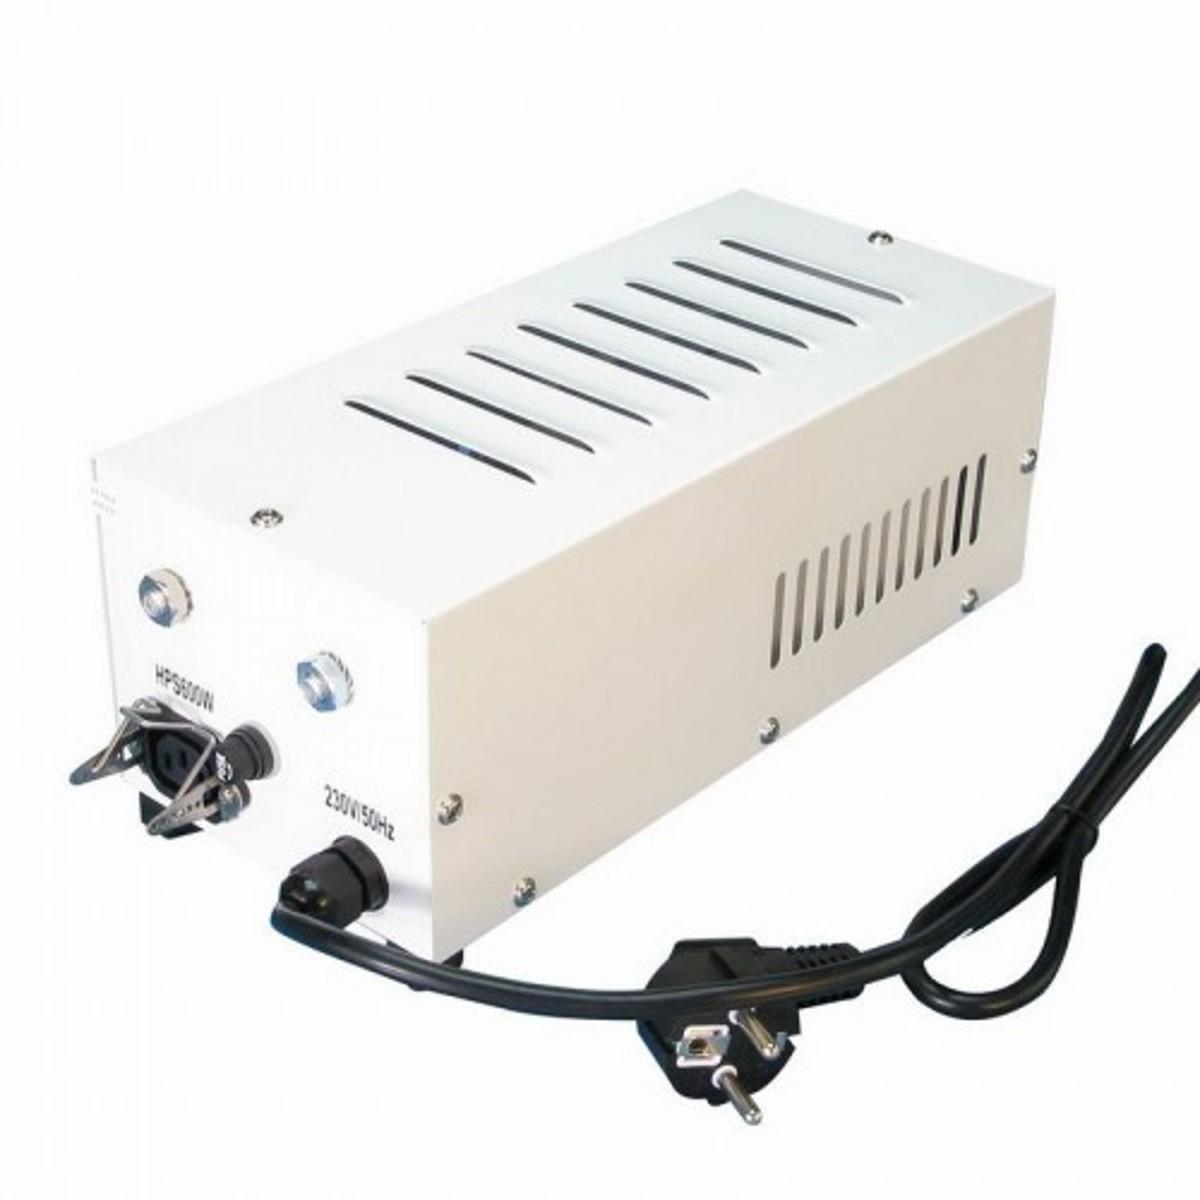 Elektromagnetický předřadník BLT 1000W, zaboxovaný, plug and play